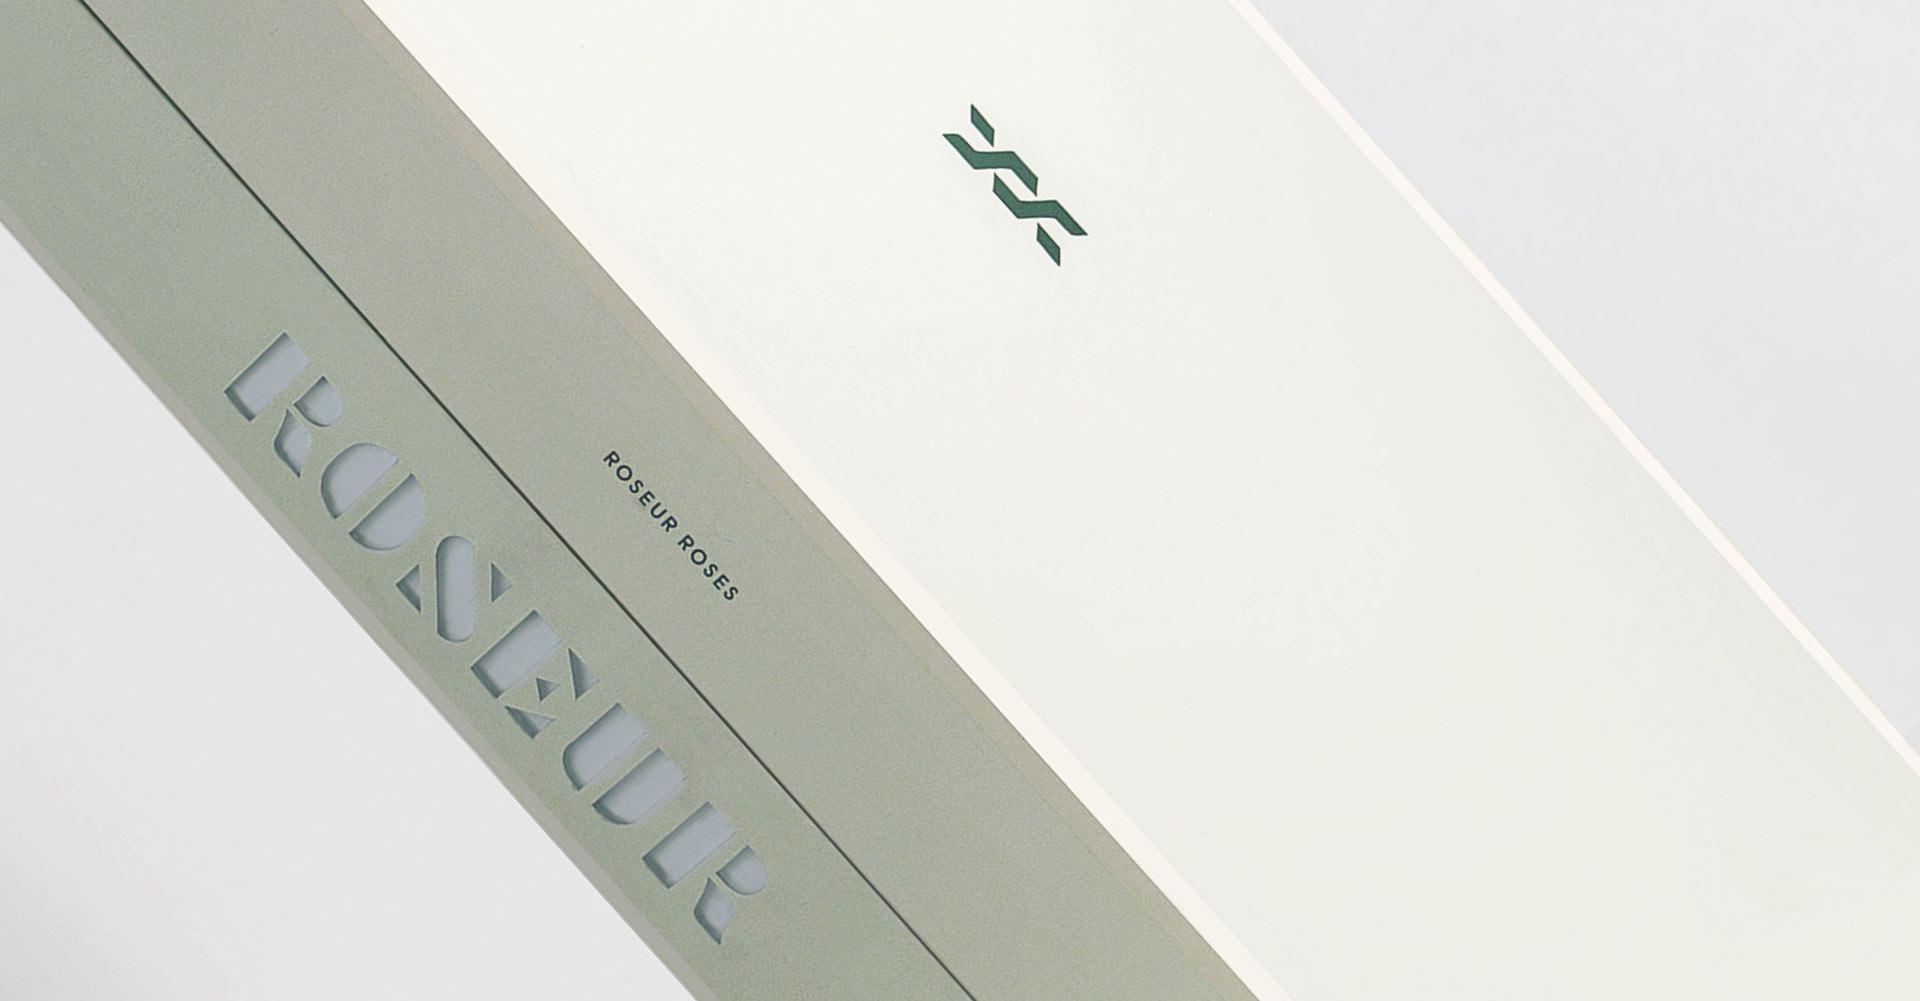 Creative_Retail_Packaging_Custom_Luxury_Packaging_Design_Roseur-05.jpg